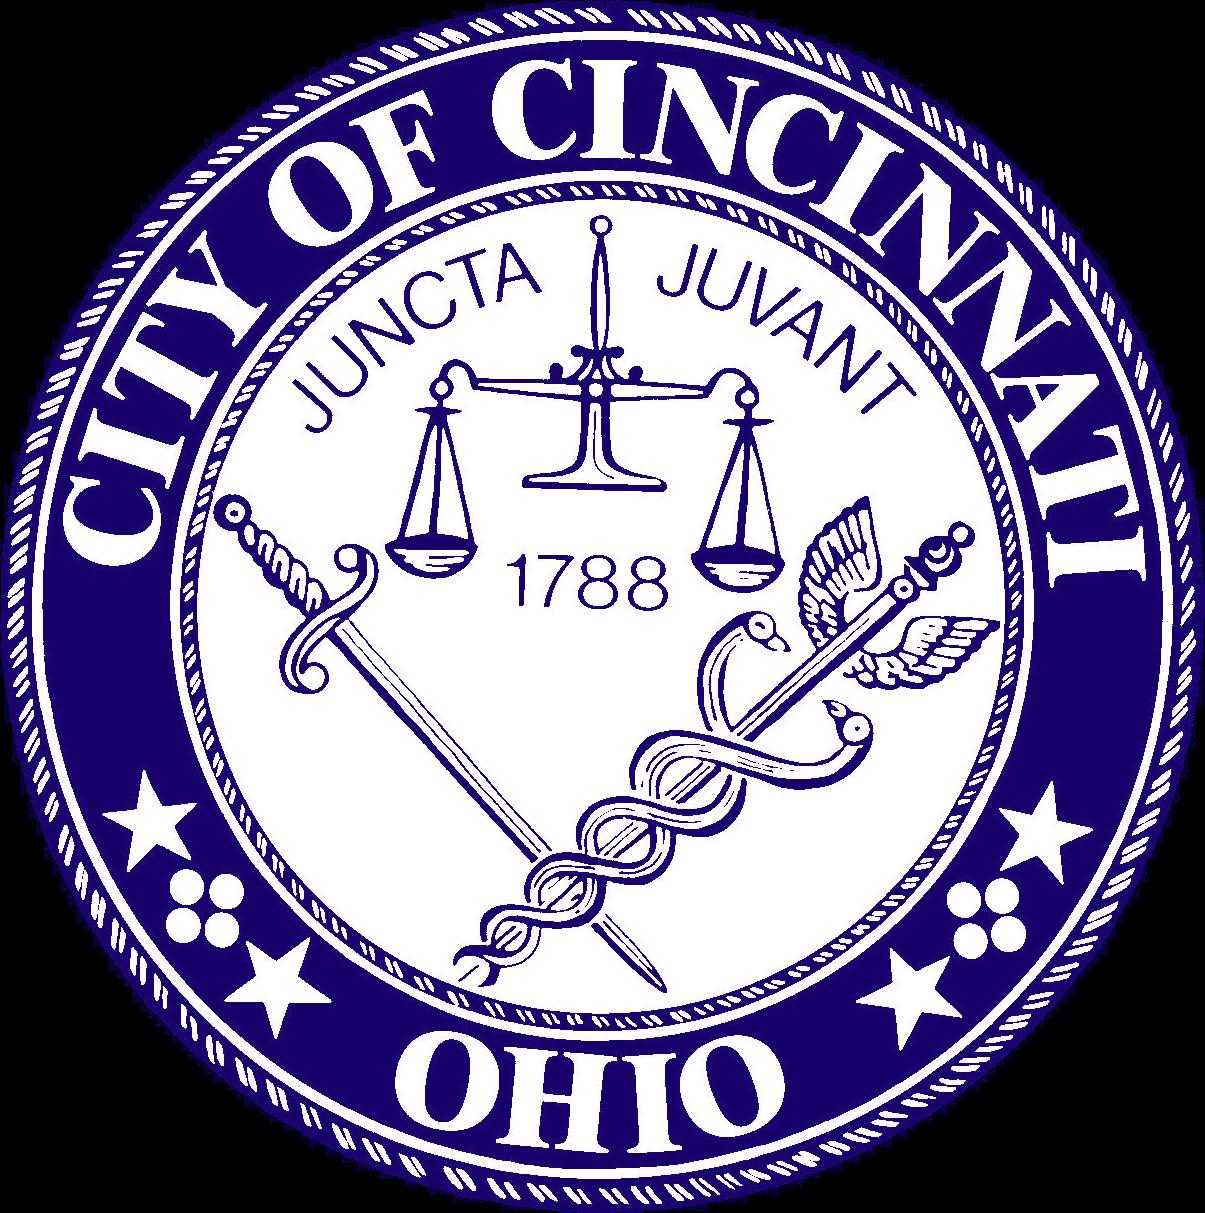 Depiction of Cincinnati